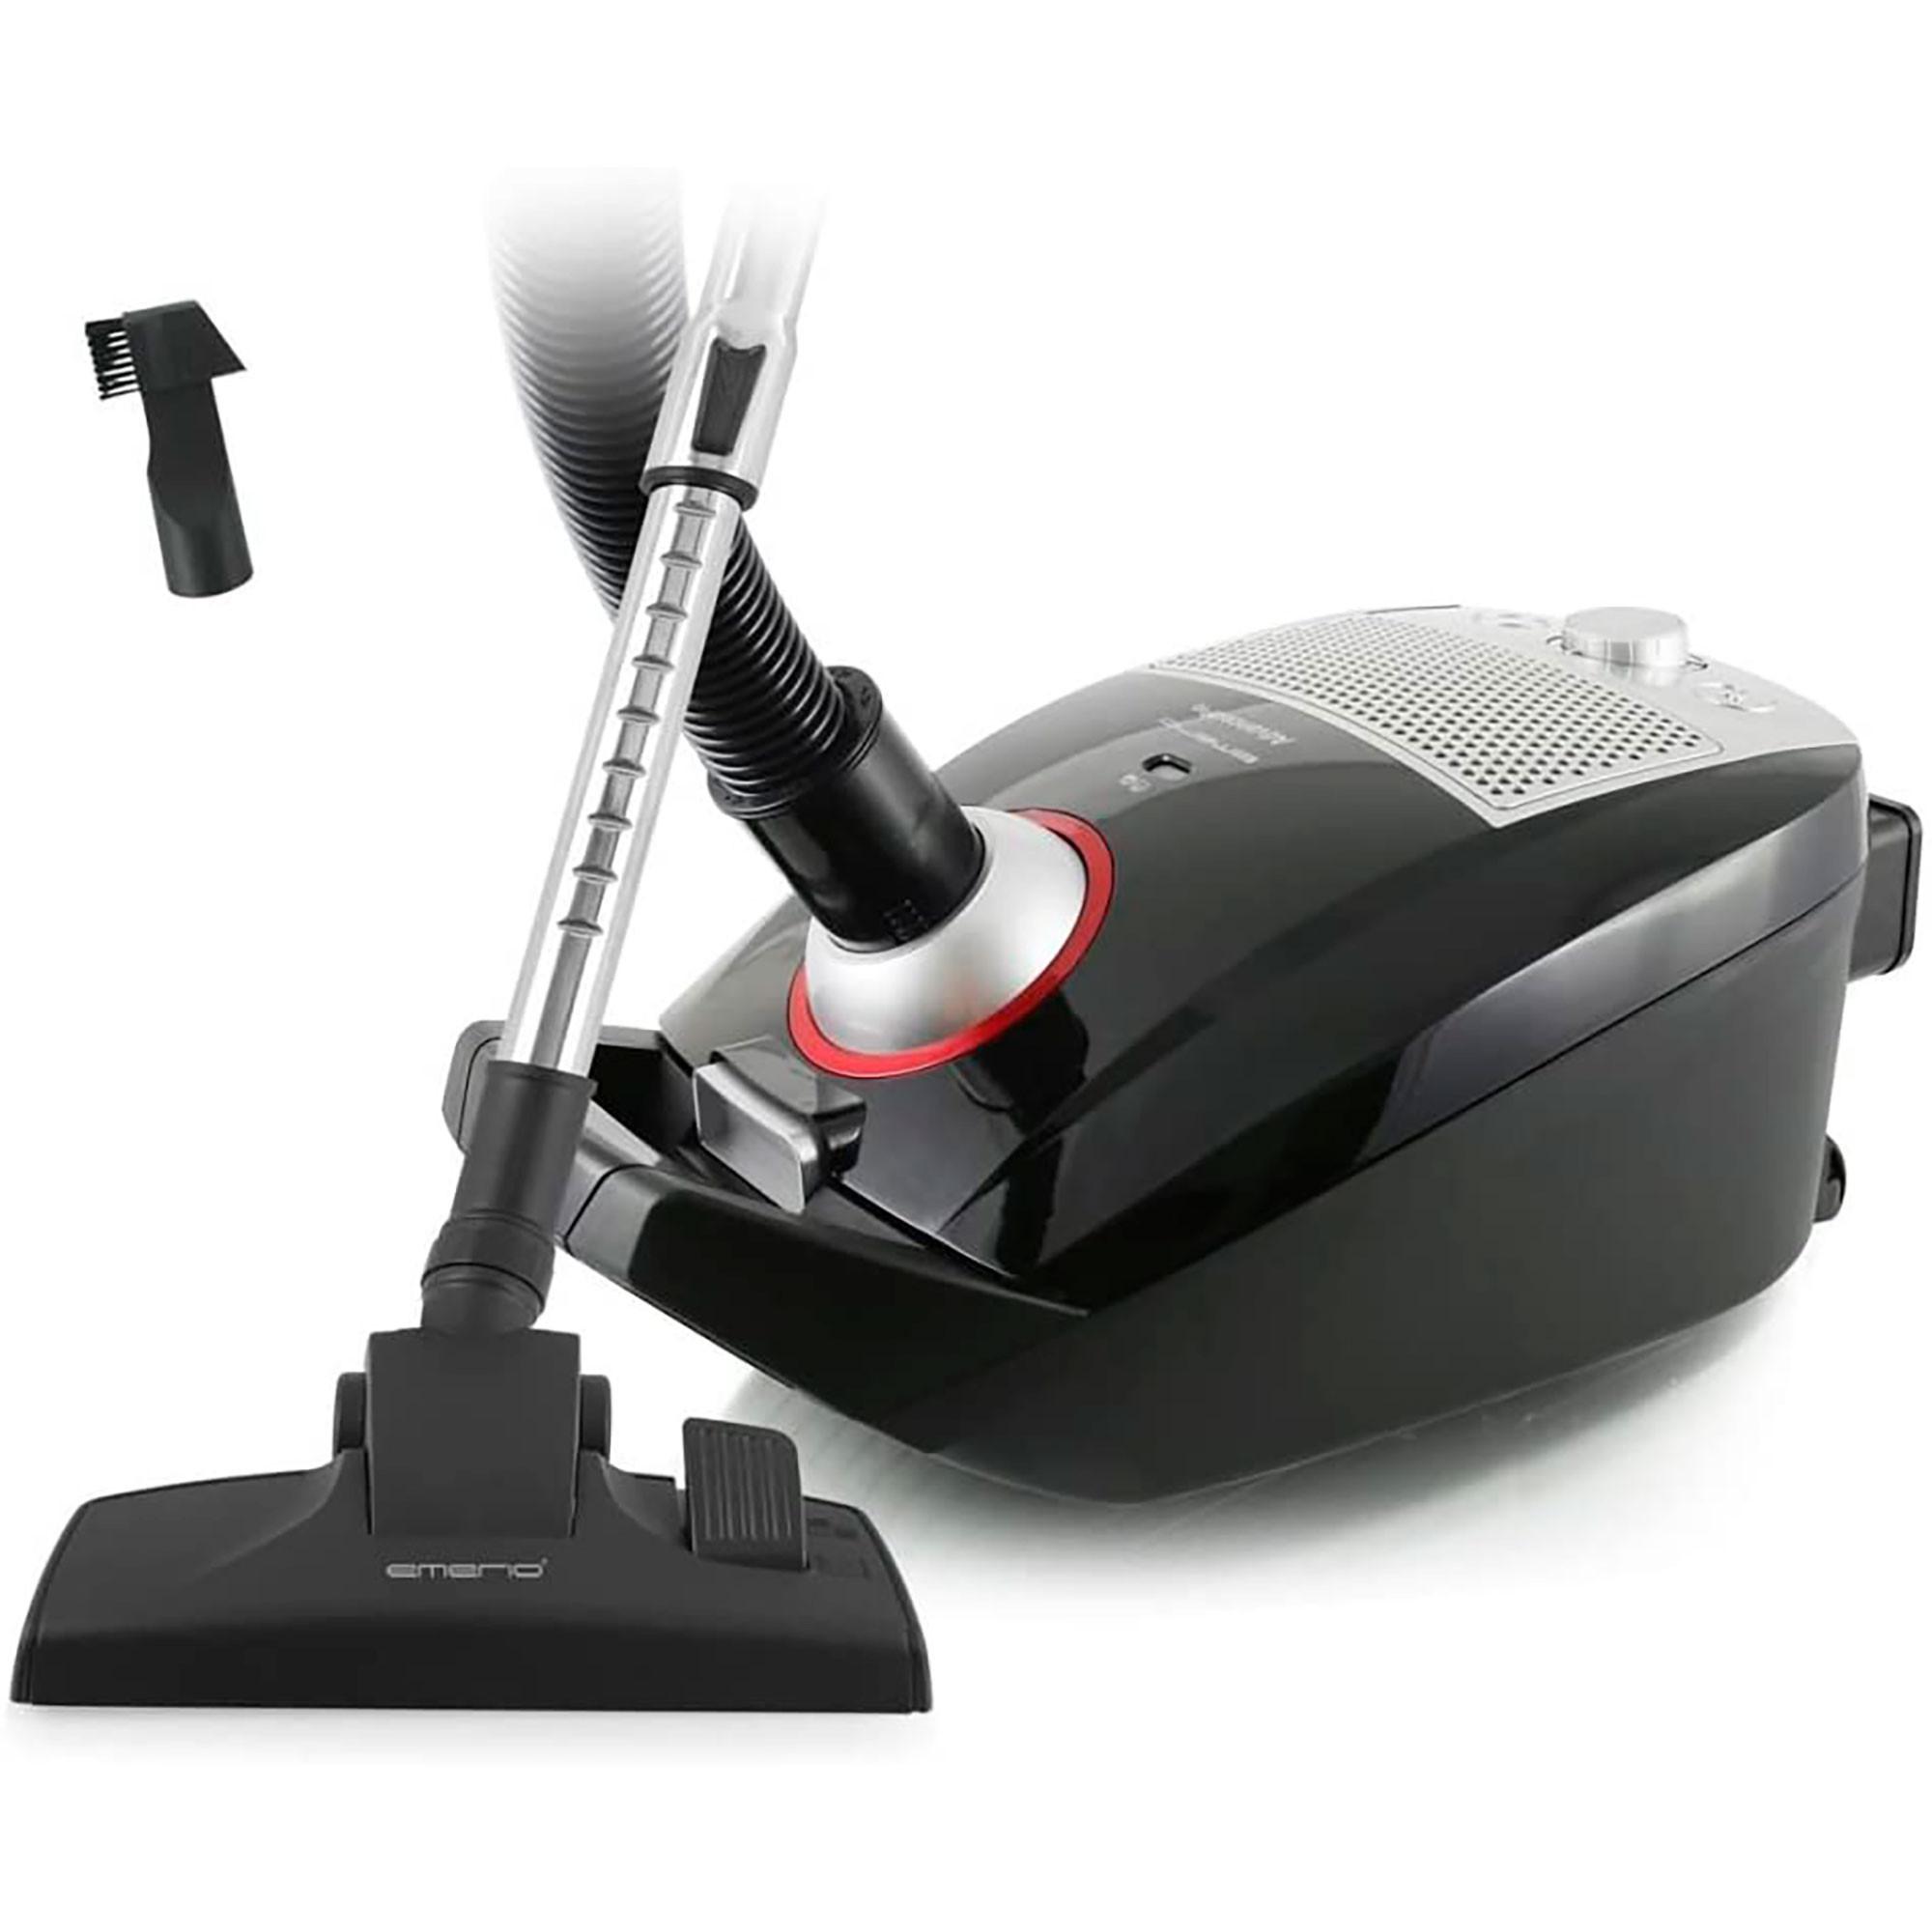 Emerio Eco VE108317.2 Aspiradora con Bolsa, Capacidad 3,5L, Filtro HEPA, Potente, 900W, Negra